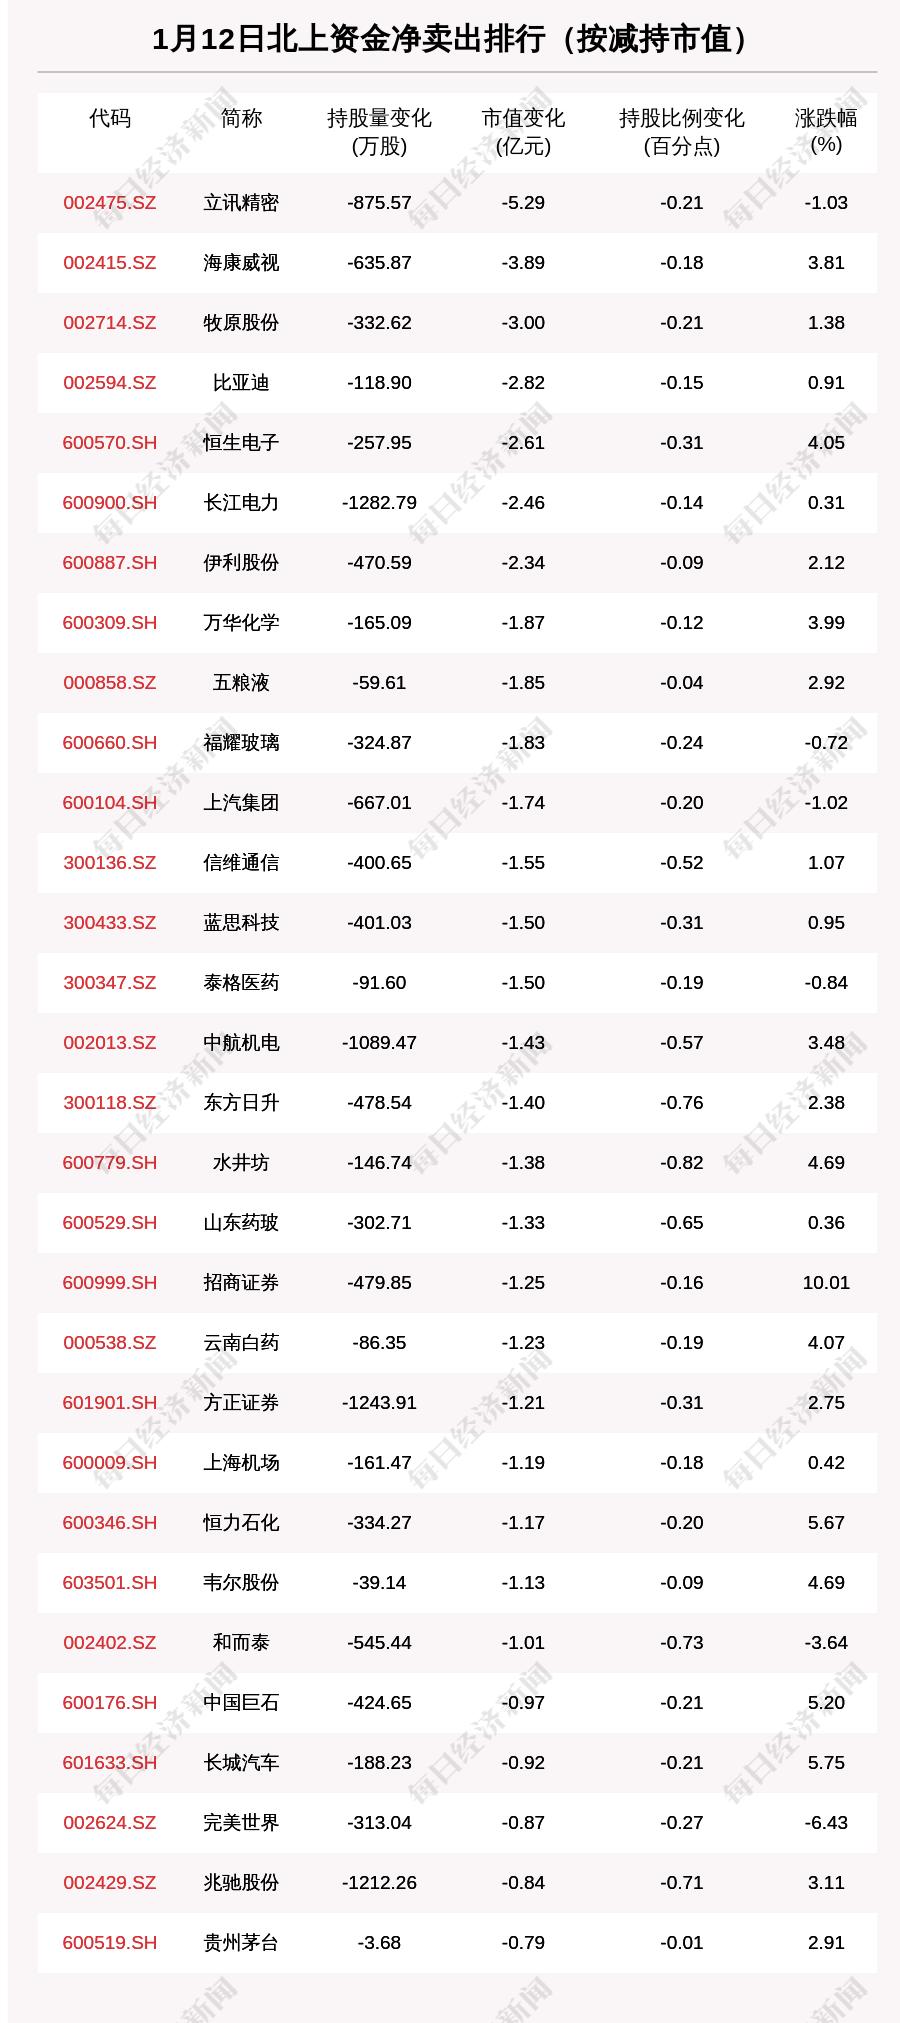 北向资金动向曝光:1月12日这30只个股遭大甩卖(附名单)